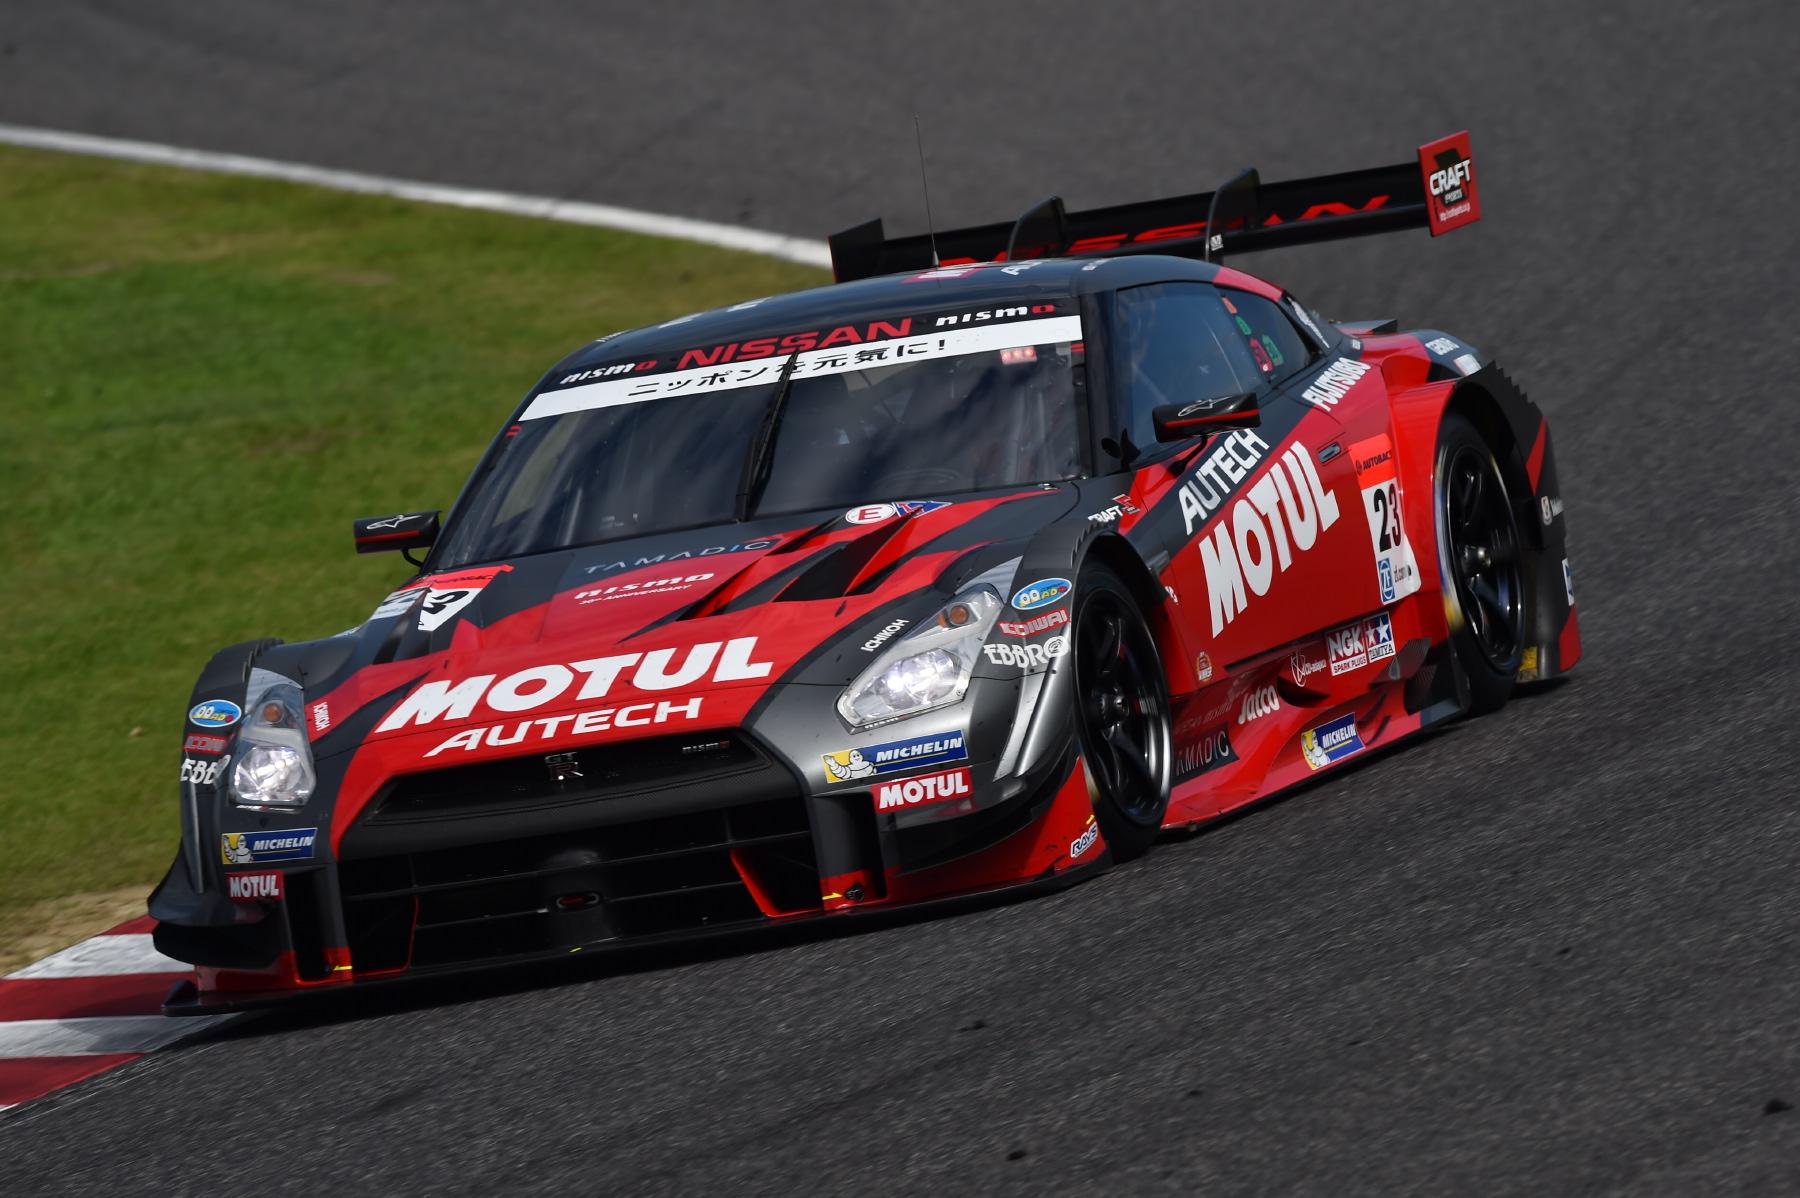 Super Gt Suzuka 2014 Motul Autech Gt R Racingblog 2017